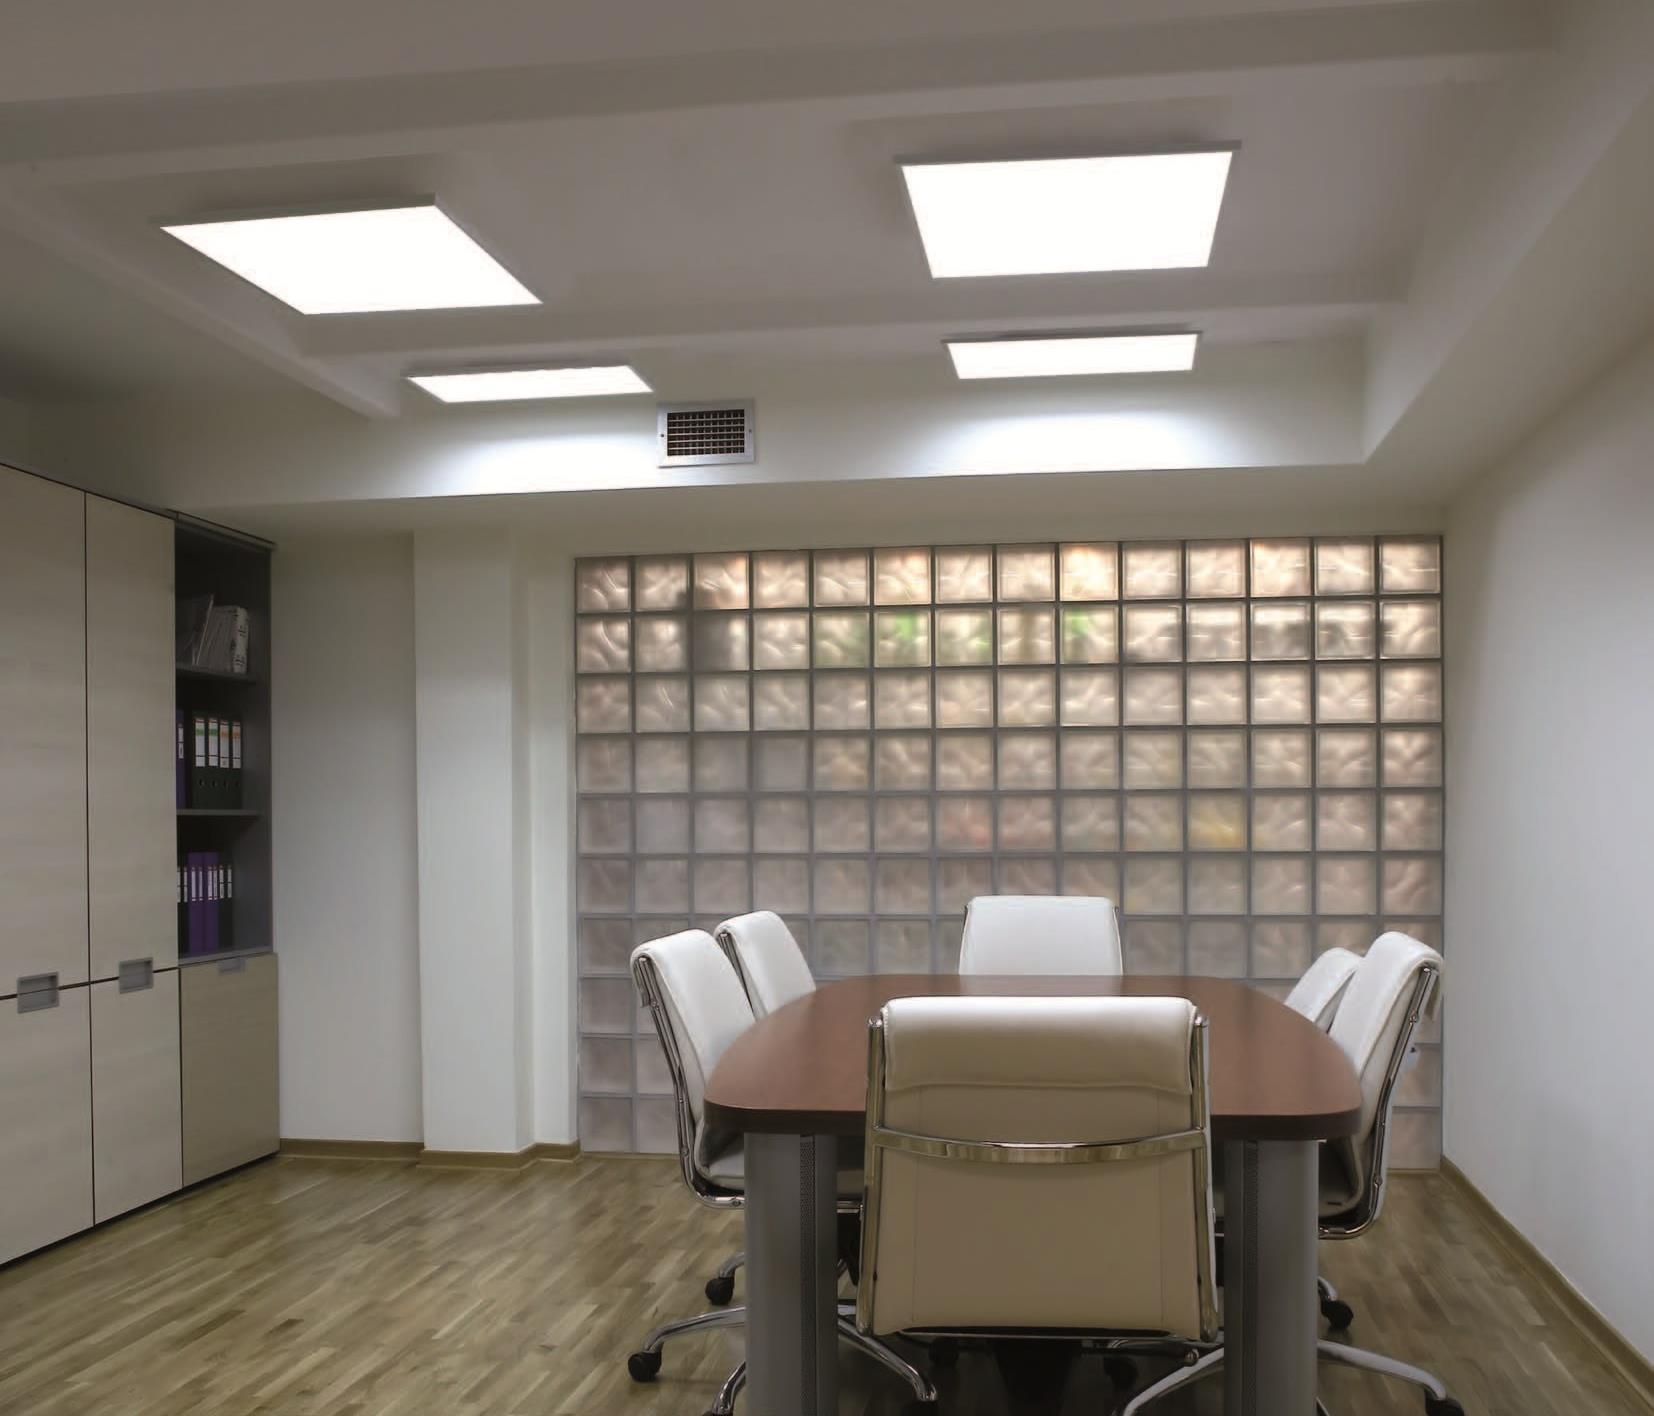 светодиодные панели для офиса можно приобрести в нашем интернет магазине